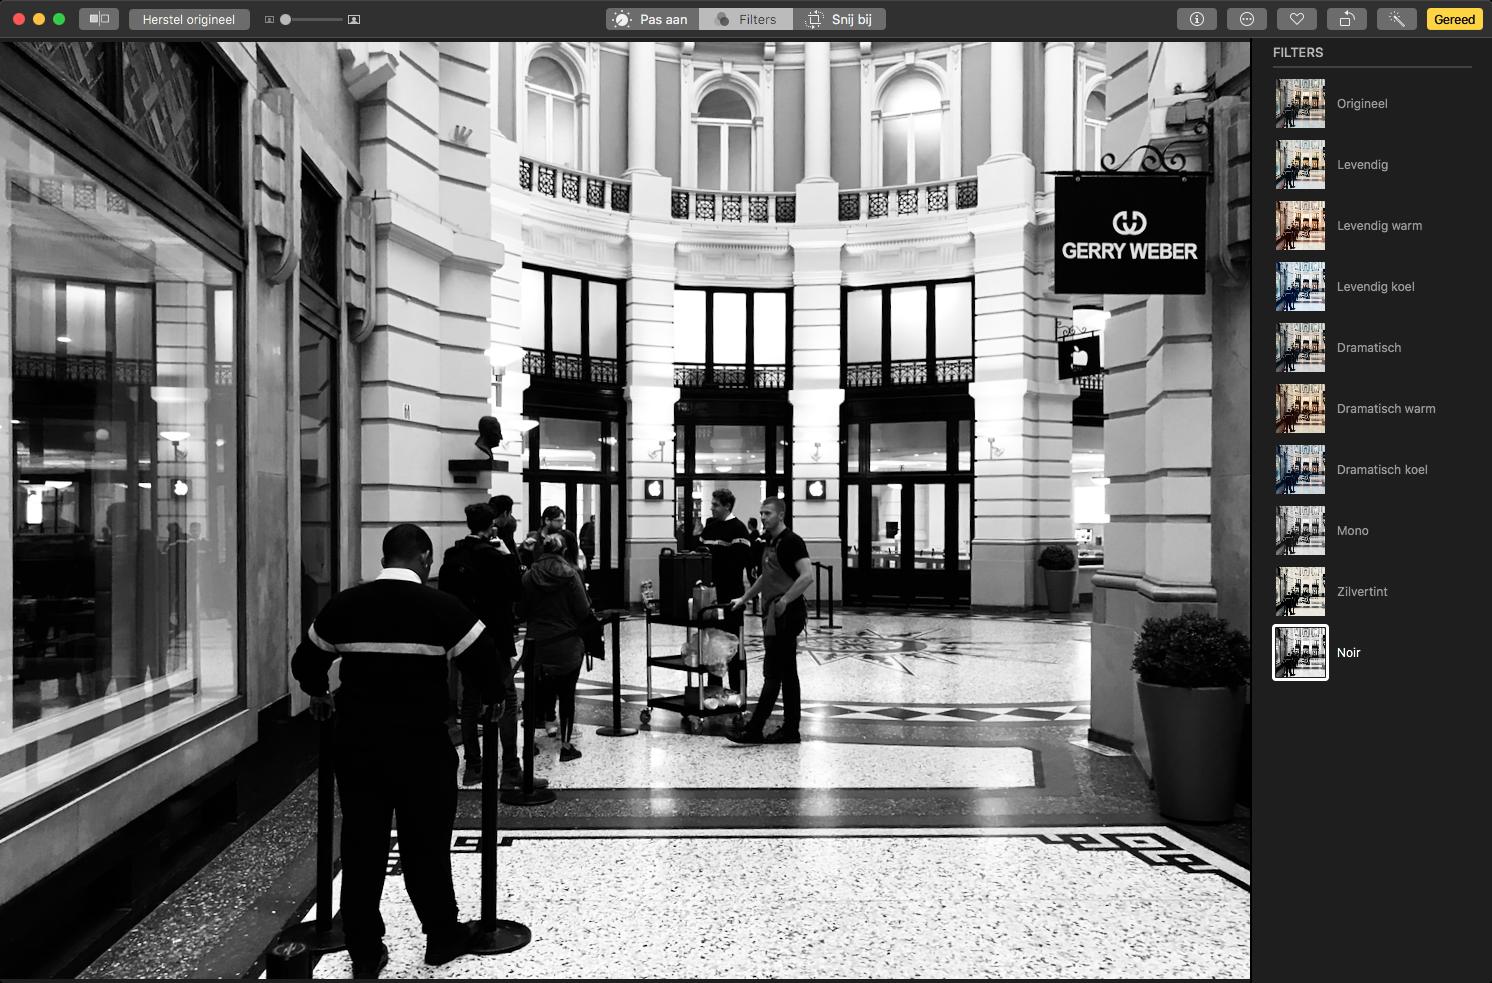 macos high sierra foto's app filters